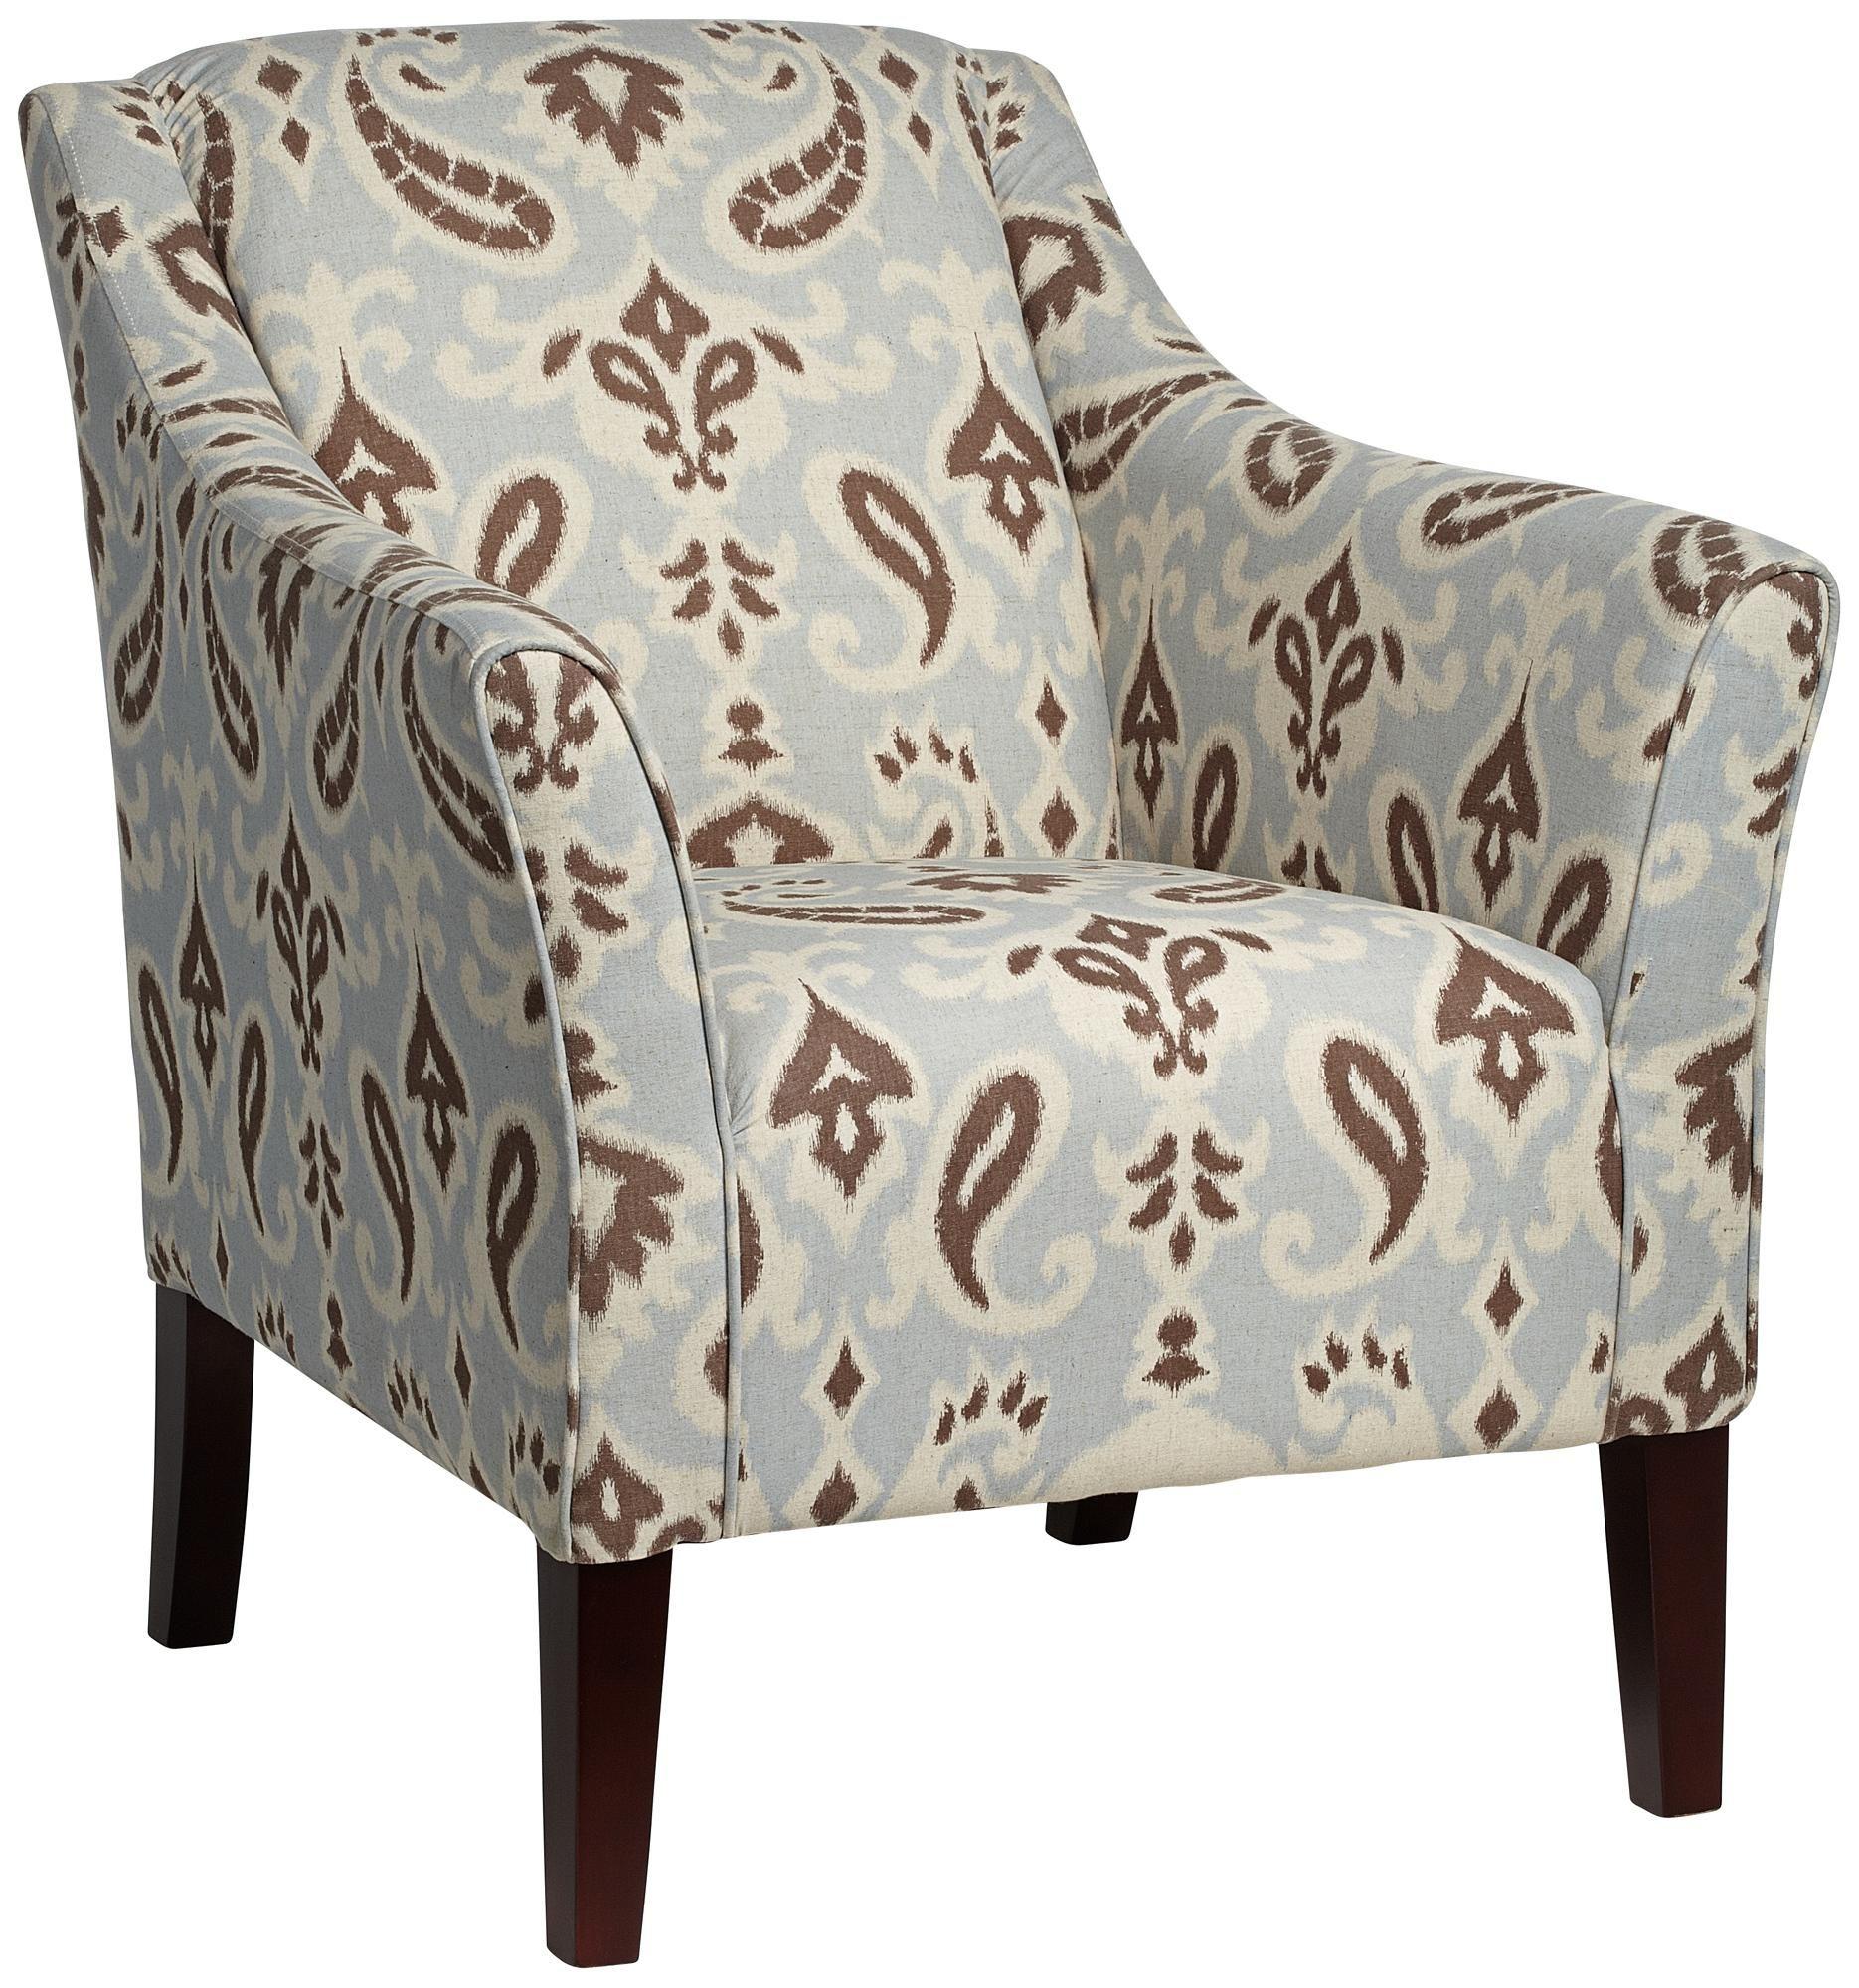 Delicieux Diana Ikat Multi Arm Chair | LampsPlus.com